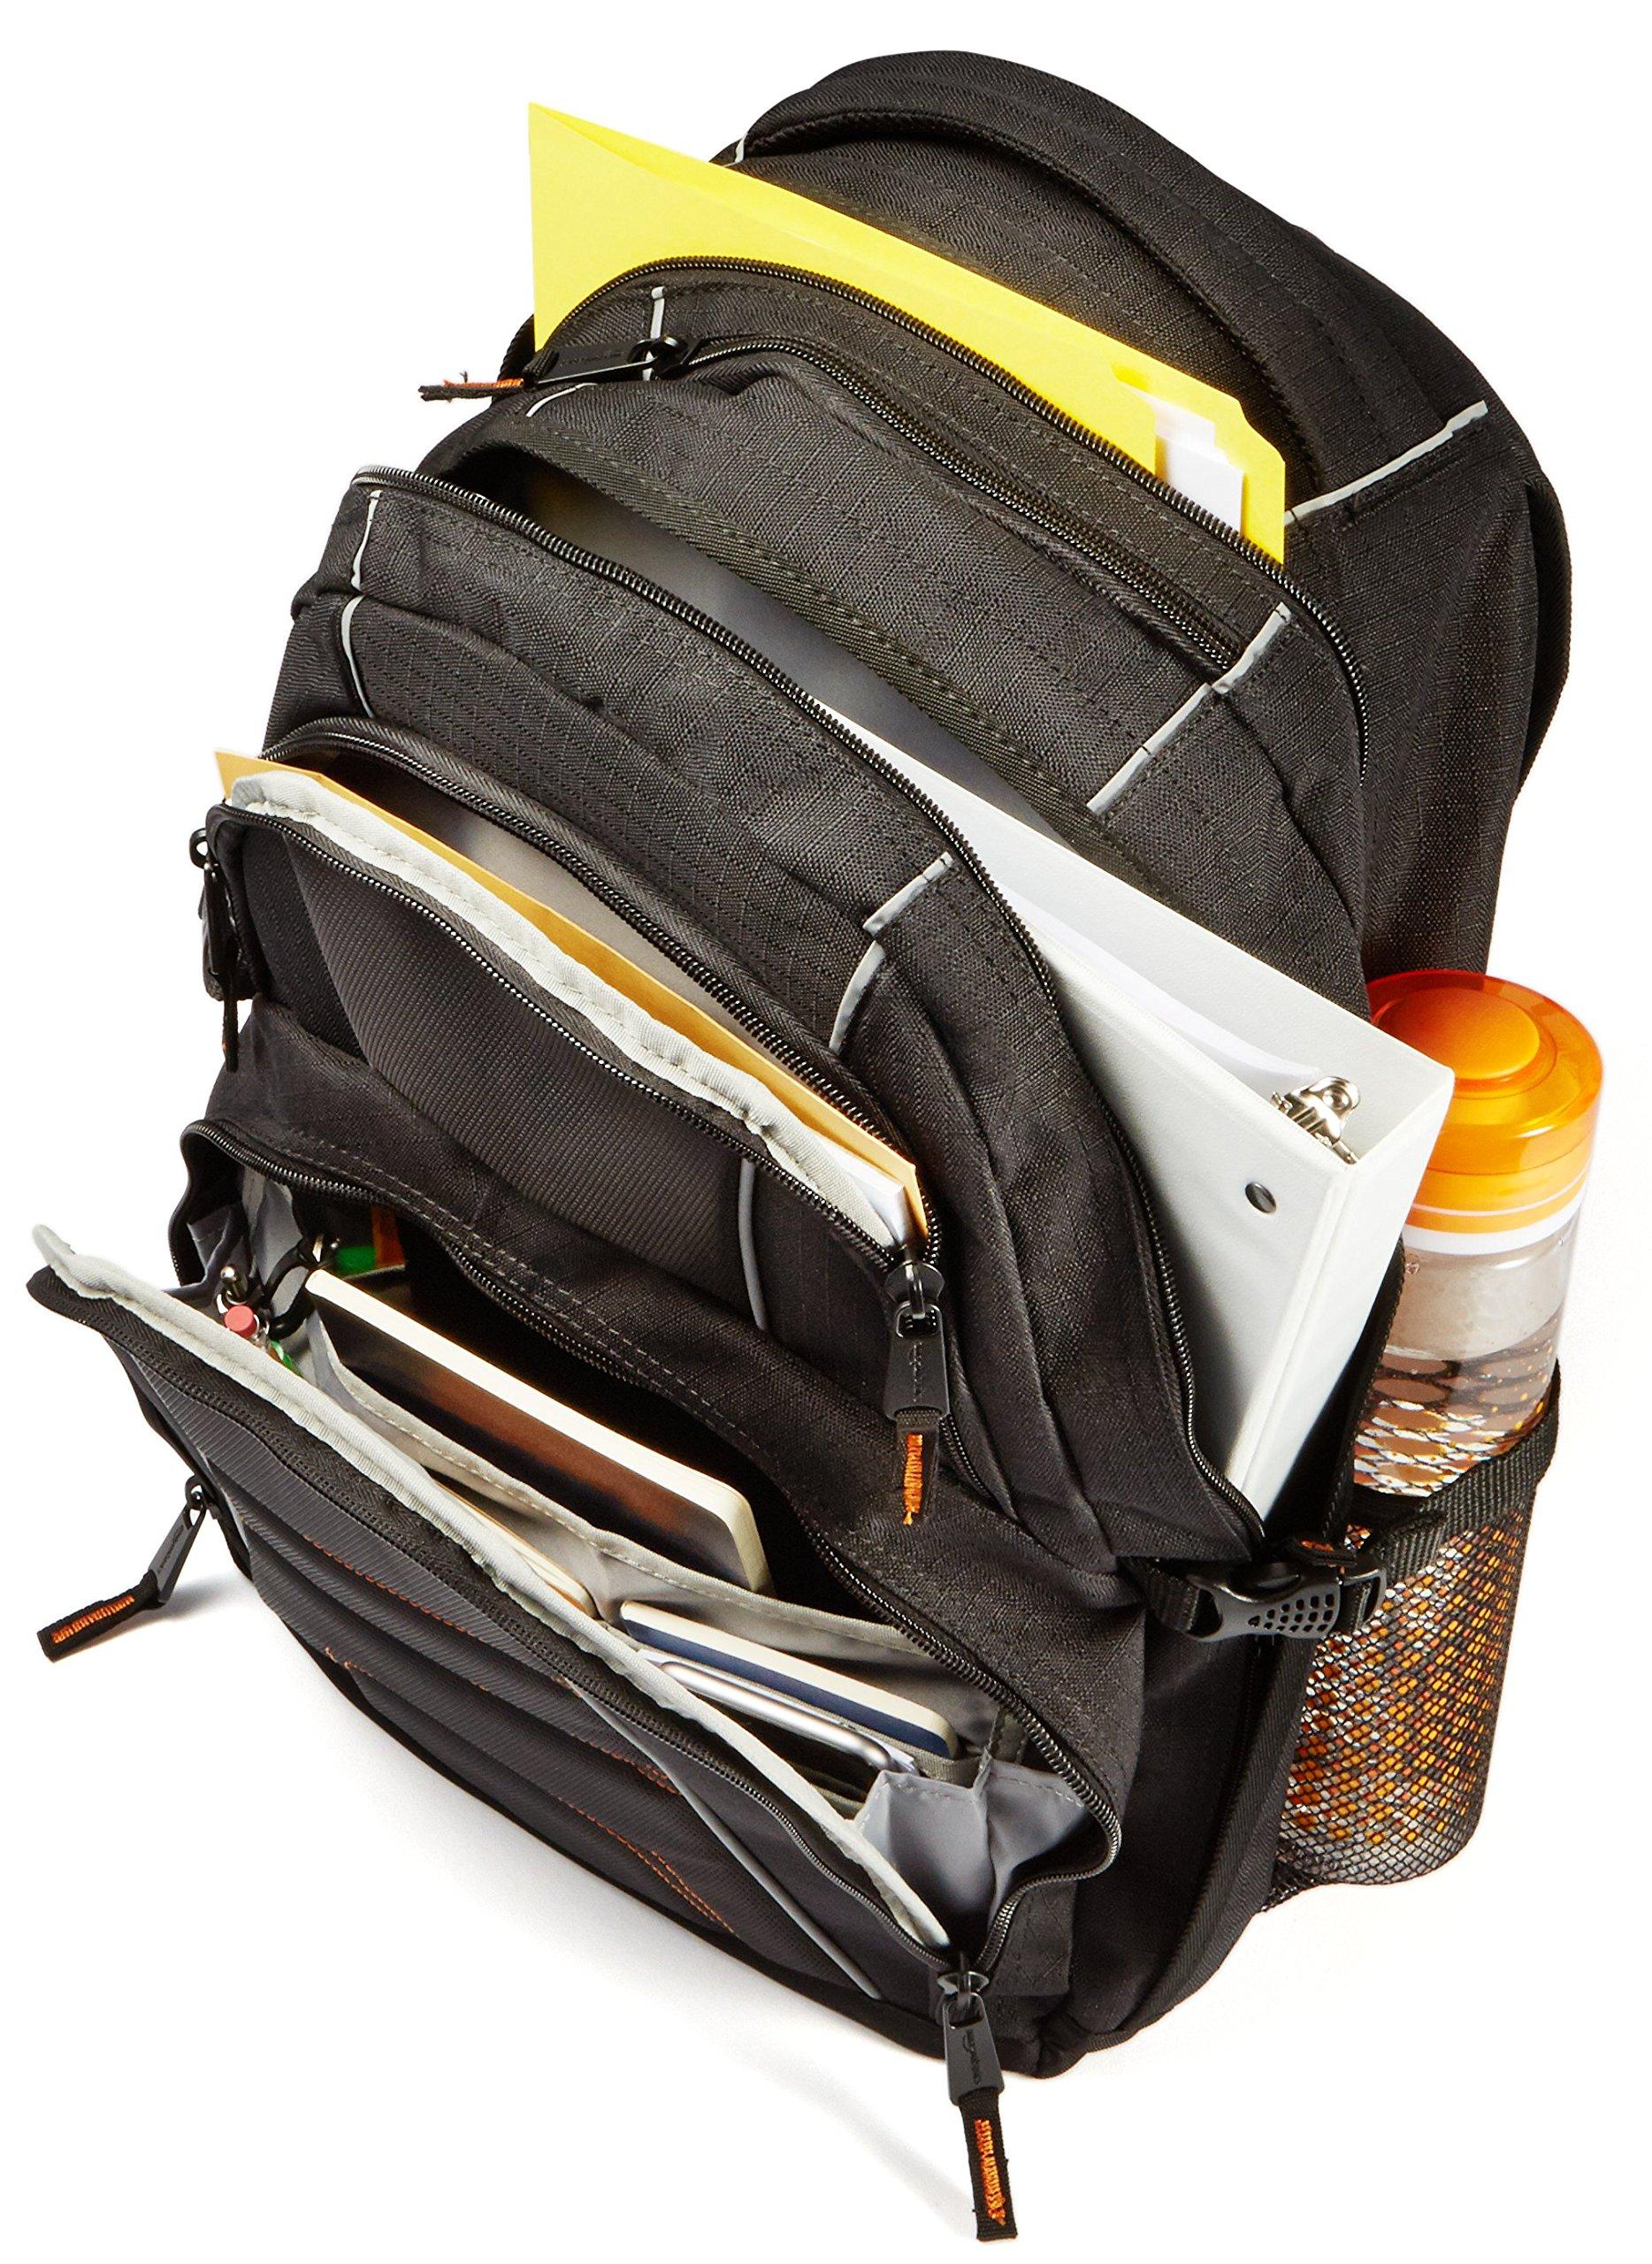 AmazonBasics Backpack for Laptops up to 17-inches by AmazonBasics (Image #4)